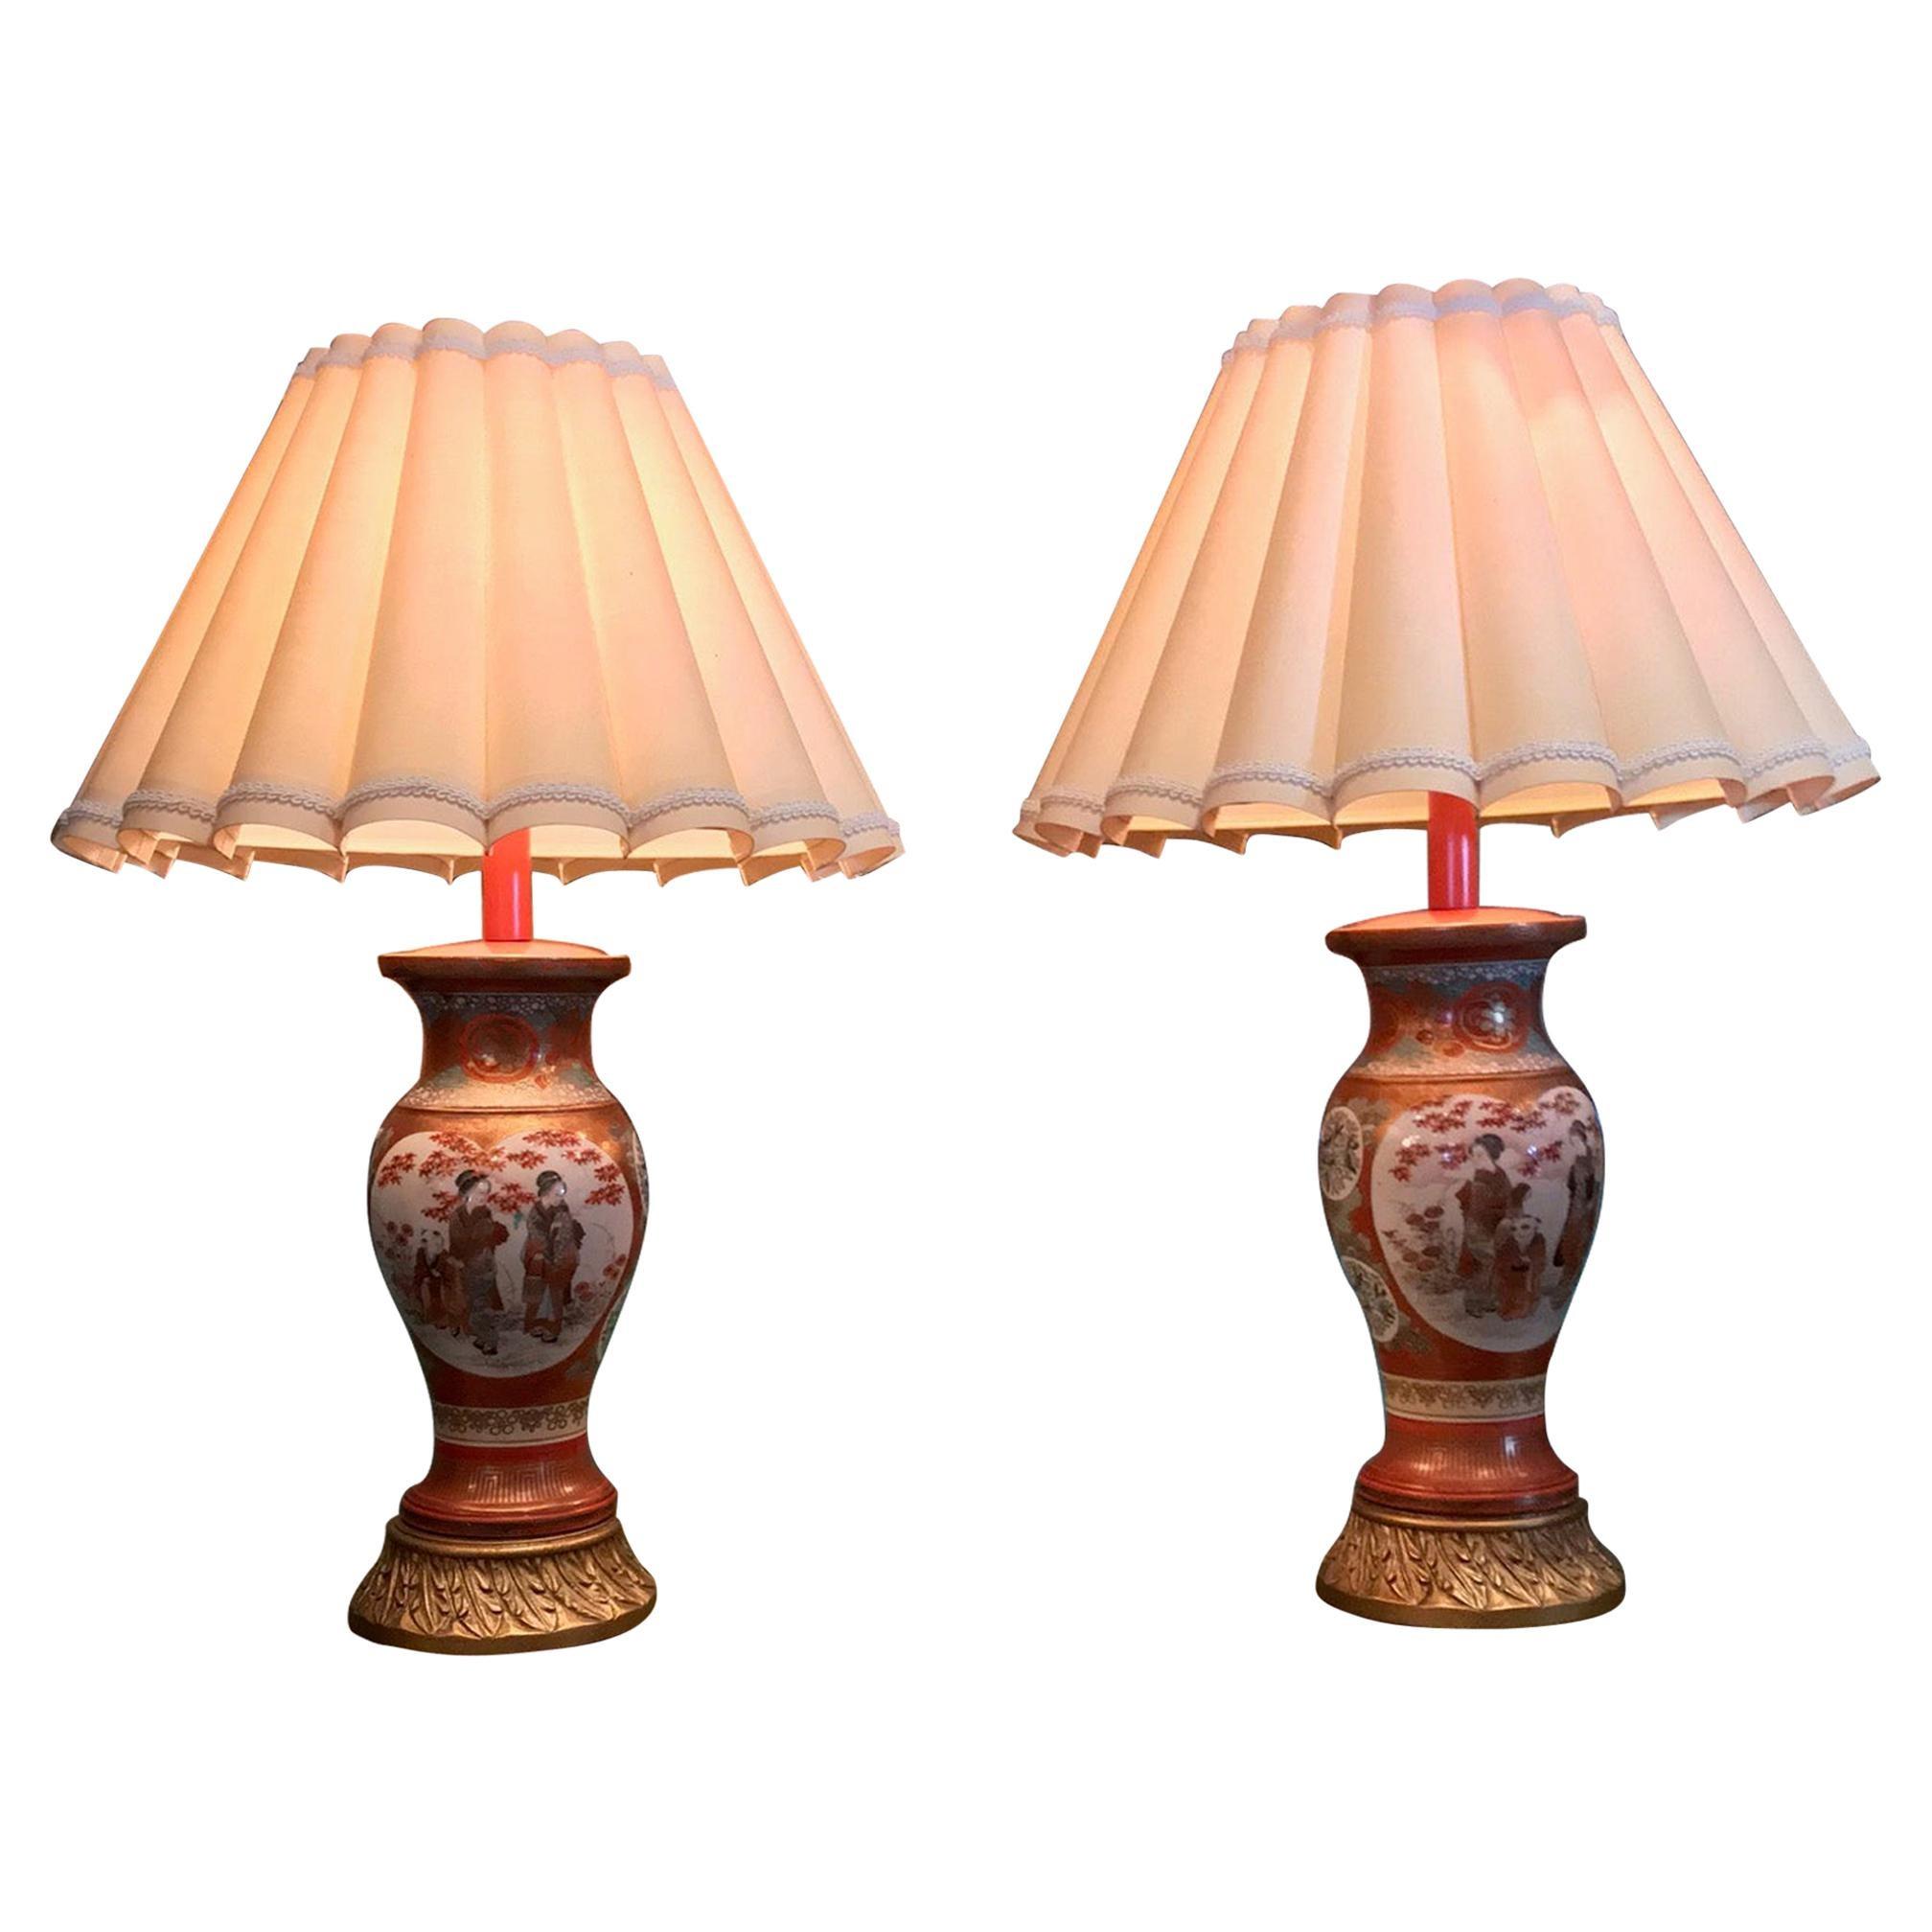 Pair of Kutani Meiji Period Vases Porcelain Urns Table Lamps Antiques LA light